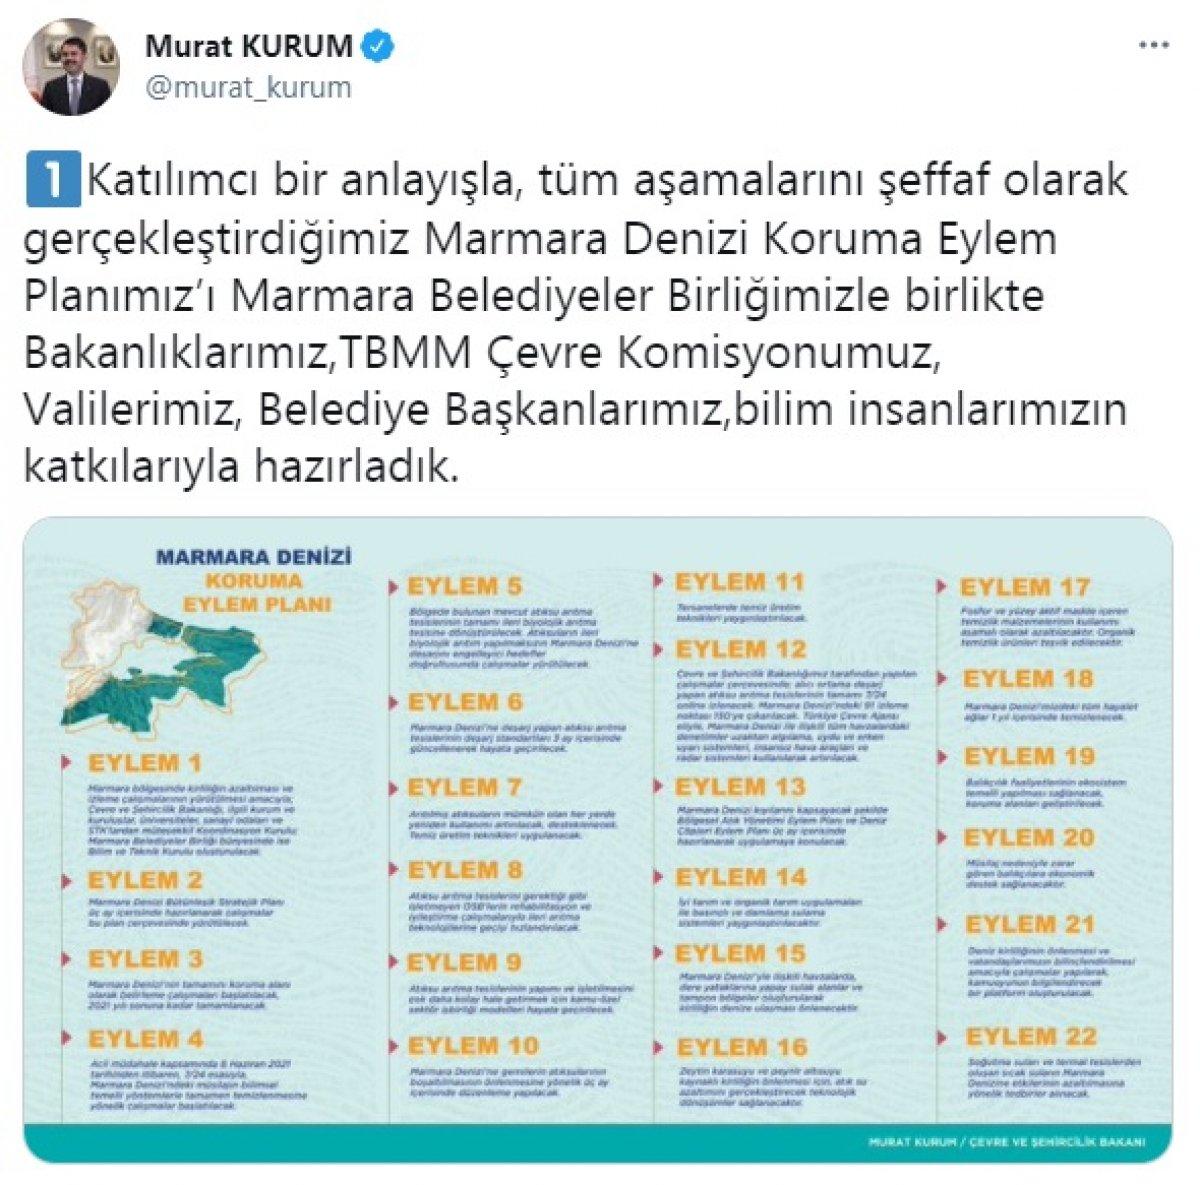 Murat Kurum: Çalışmalarımıza, 700 bilim insanı katıldı #2